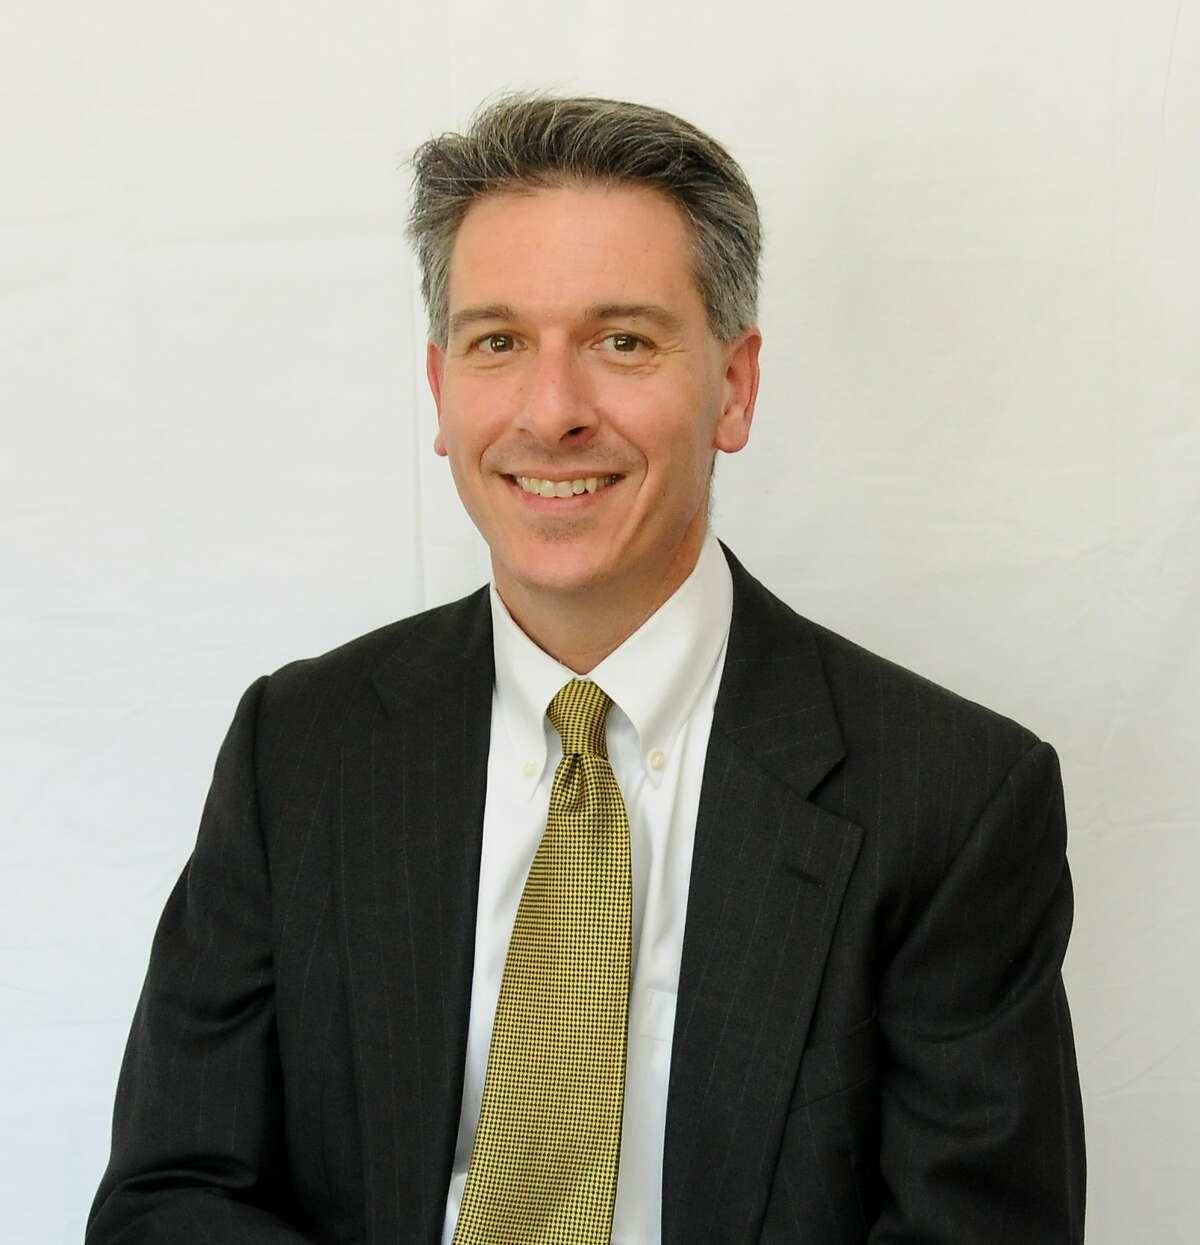 Mark Fickes